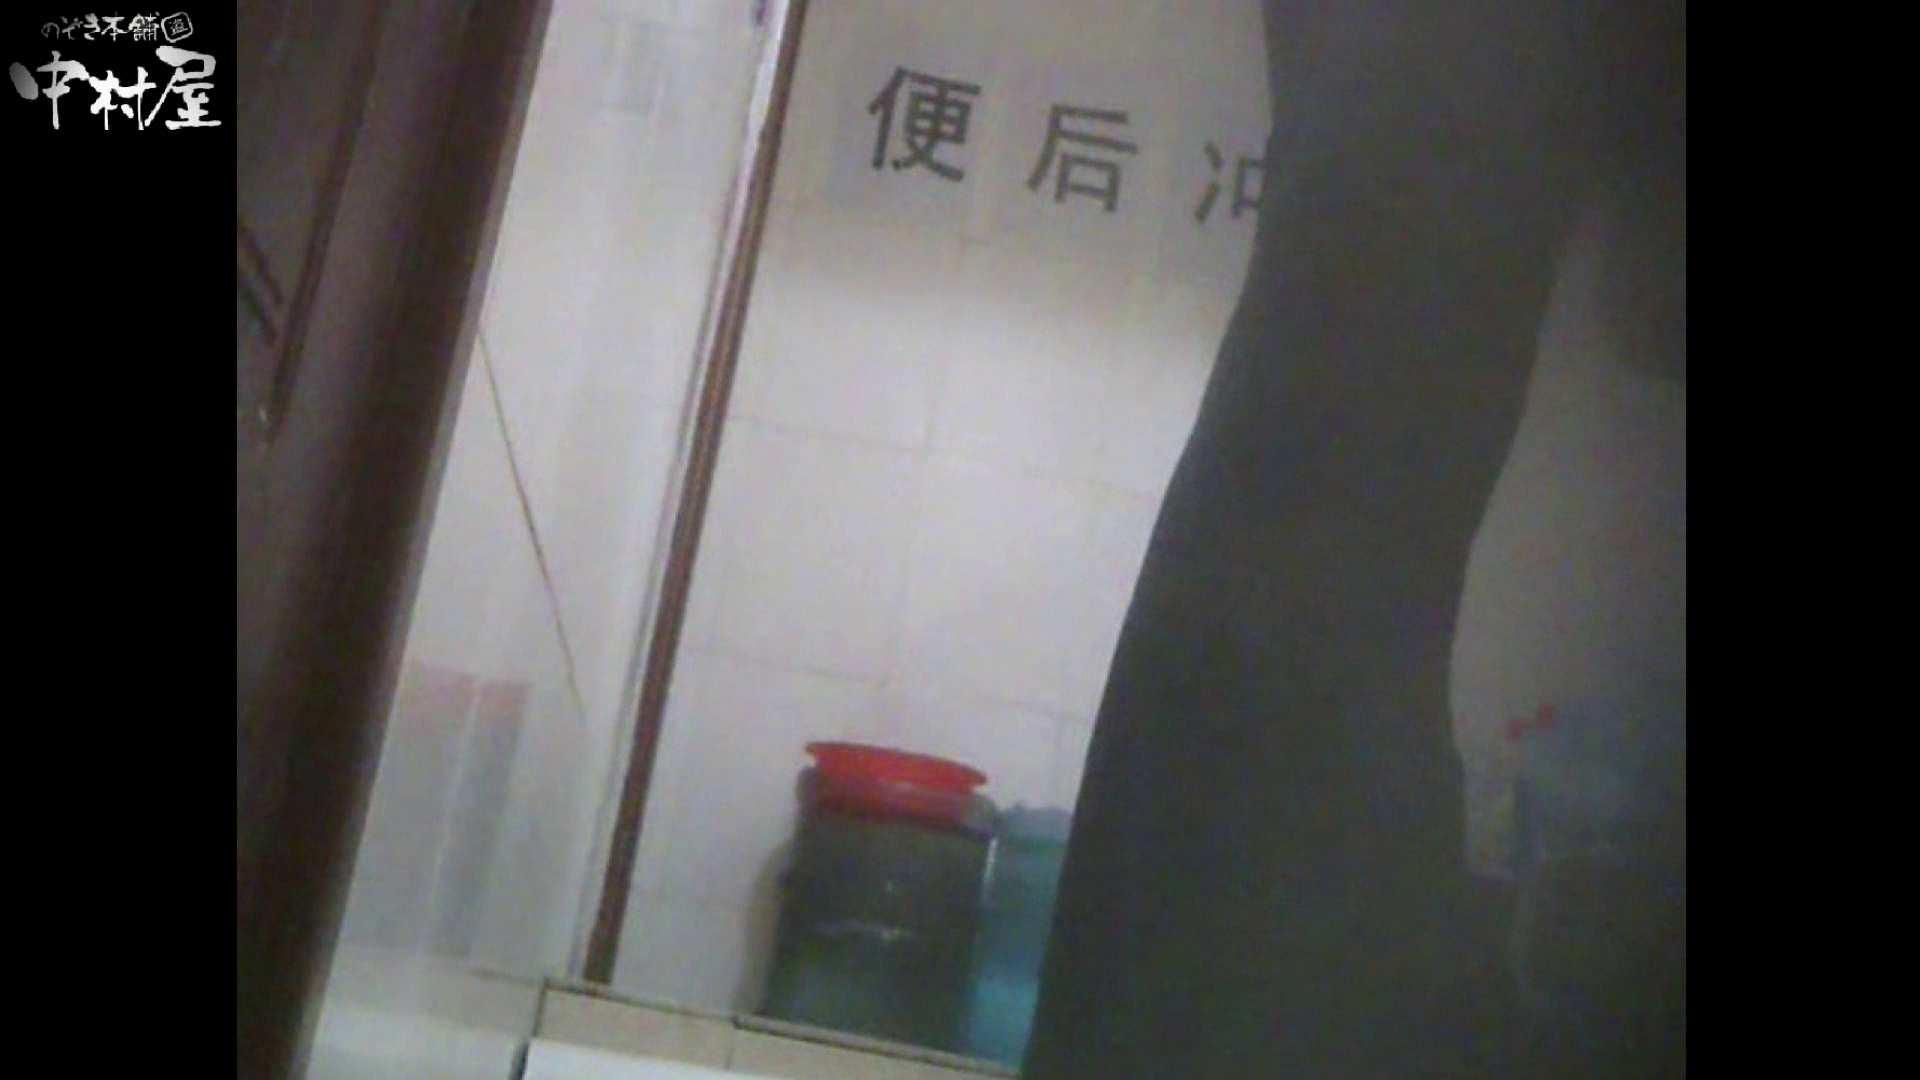 李さんの盗撮日記 Vol.03 エッチな盗撮 アダルト動画キャプチャ 101pic 24